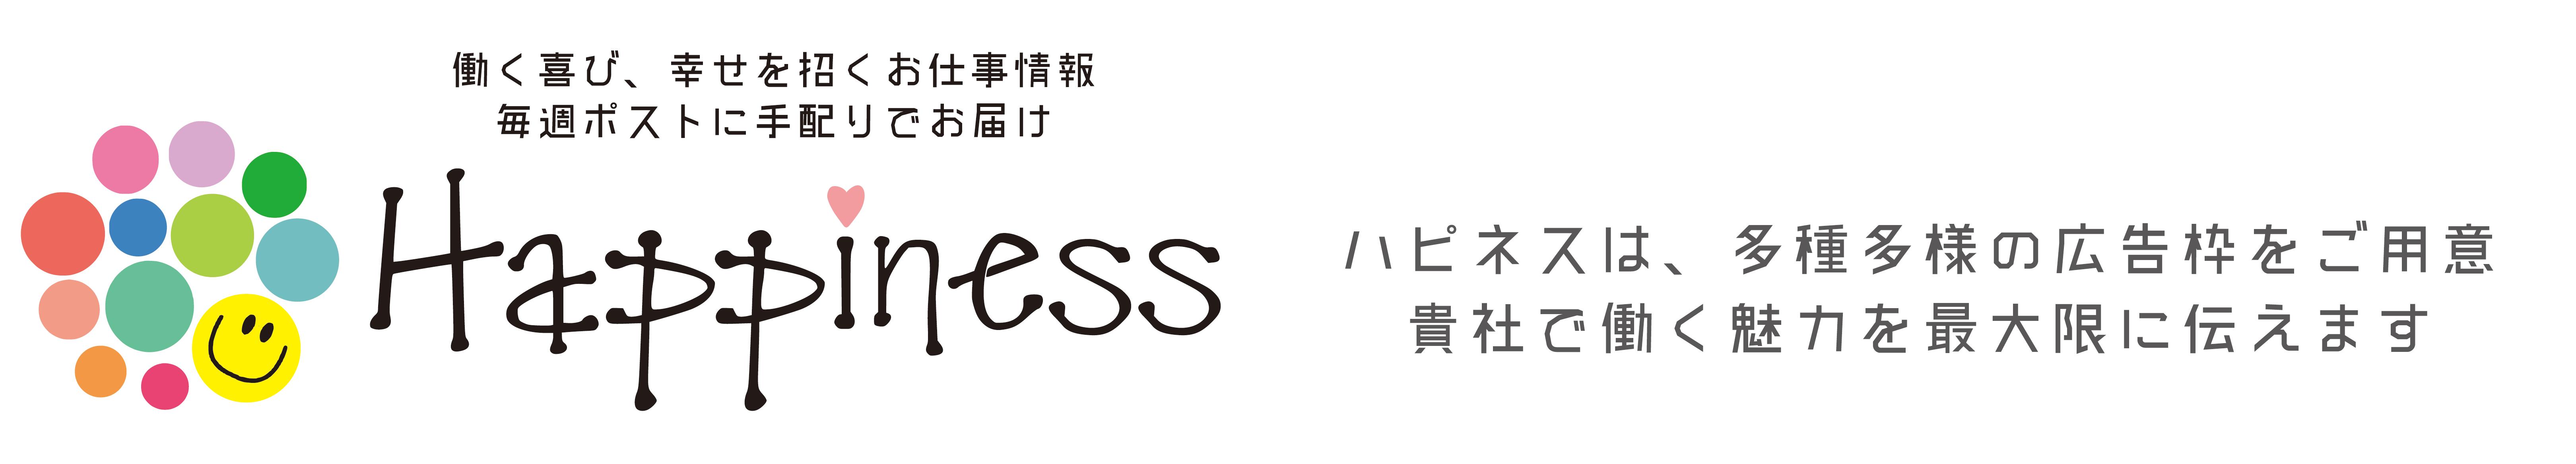 求人専門誌 【Happiness】10万世帯のポスティング配布で12,000円(税別)~と低価格で求人広告の掲載が可能です。